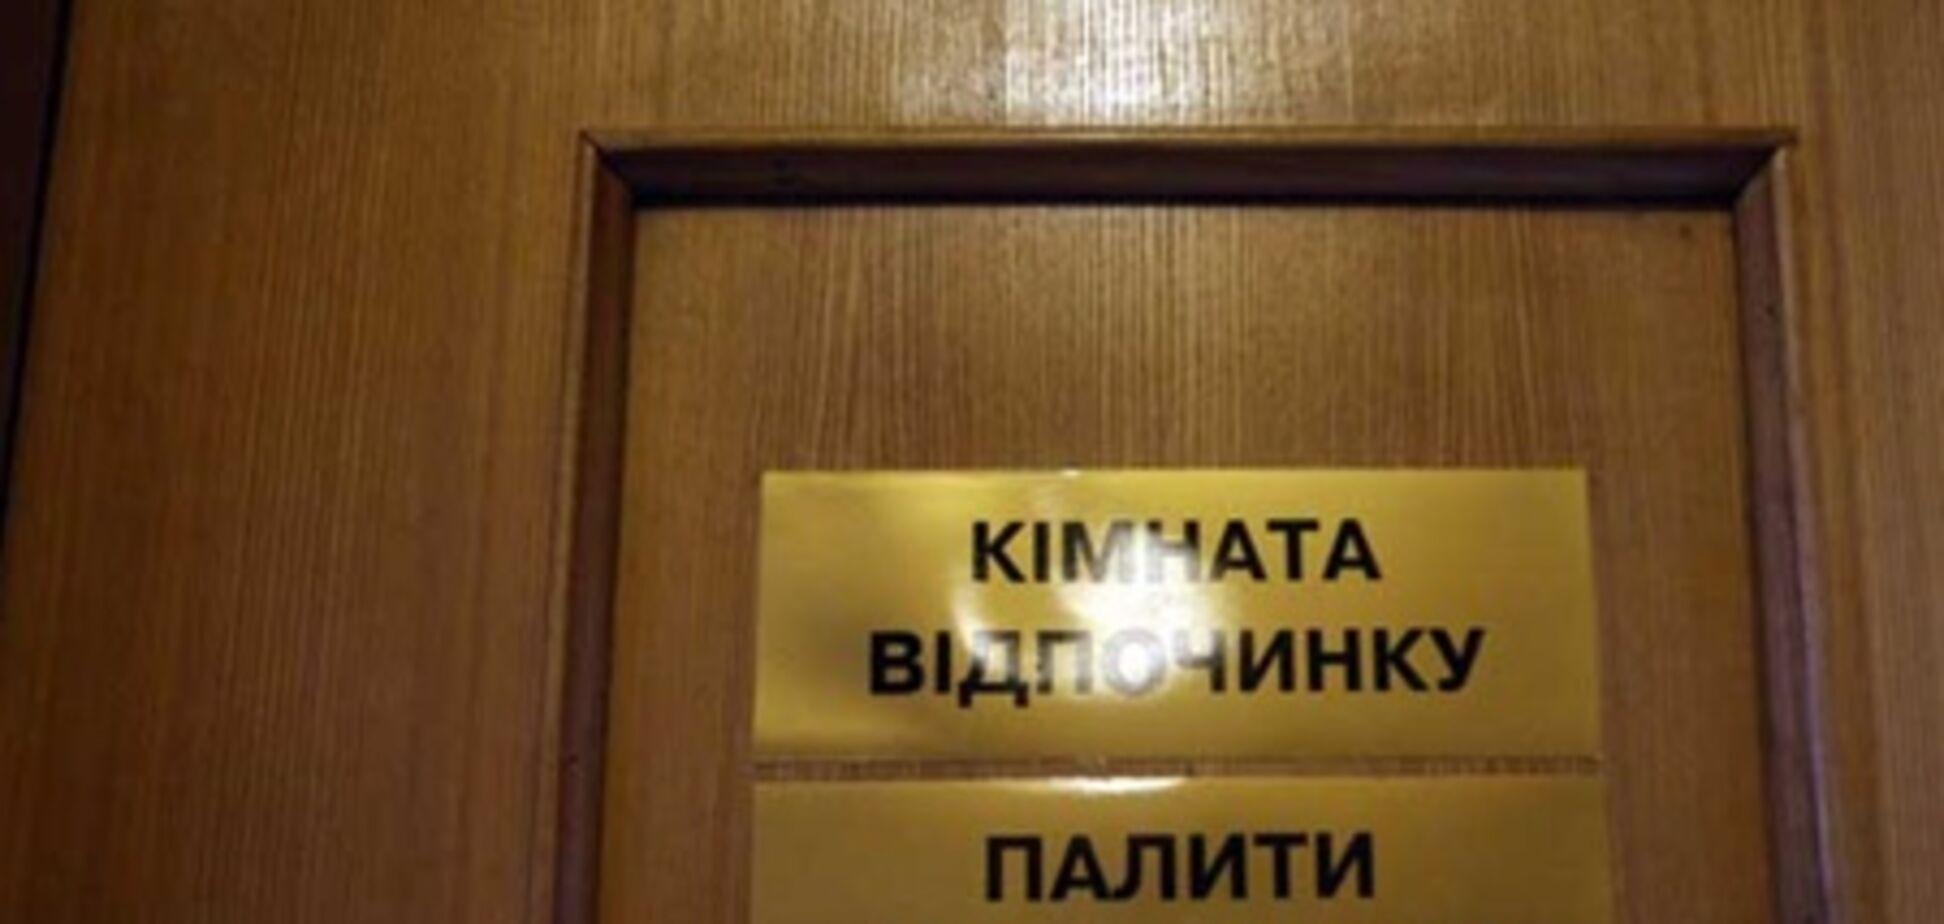 Депутати засмічують недопалками рукомийники ВР. Фото